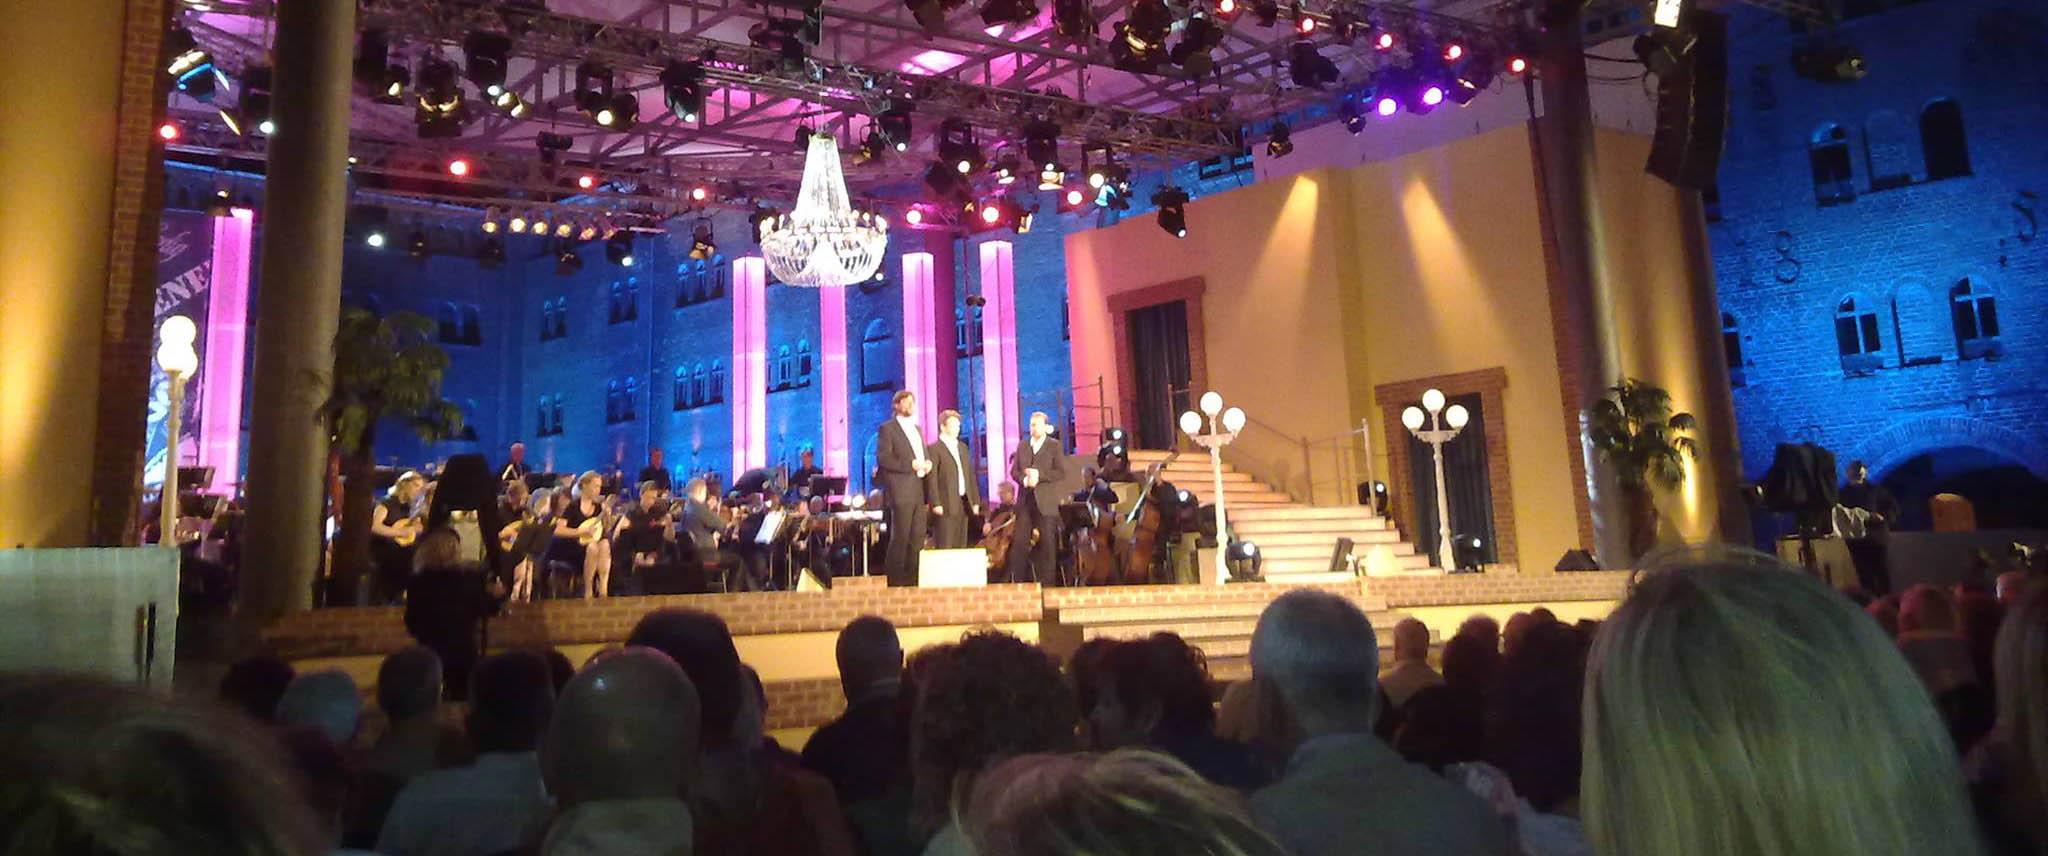 20 Jahre Elblandfestspiele – Die Jubiläumsgala 2019